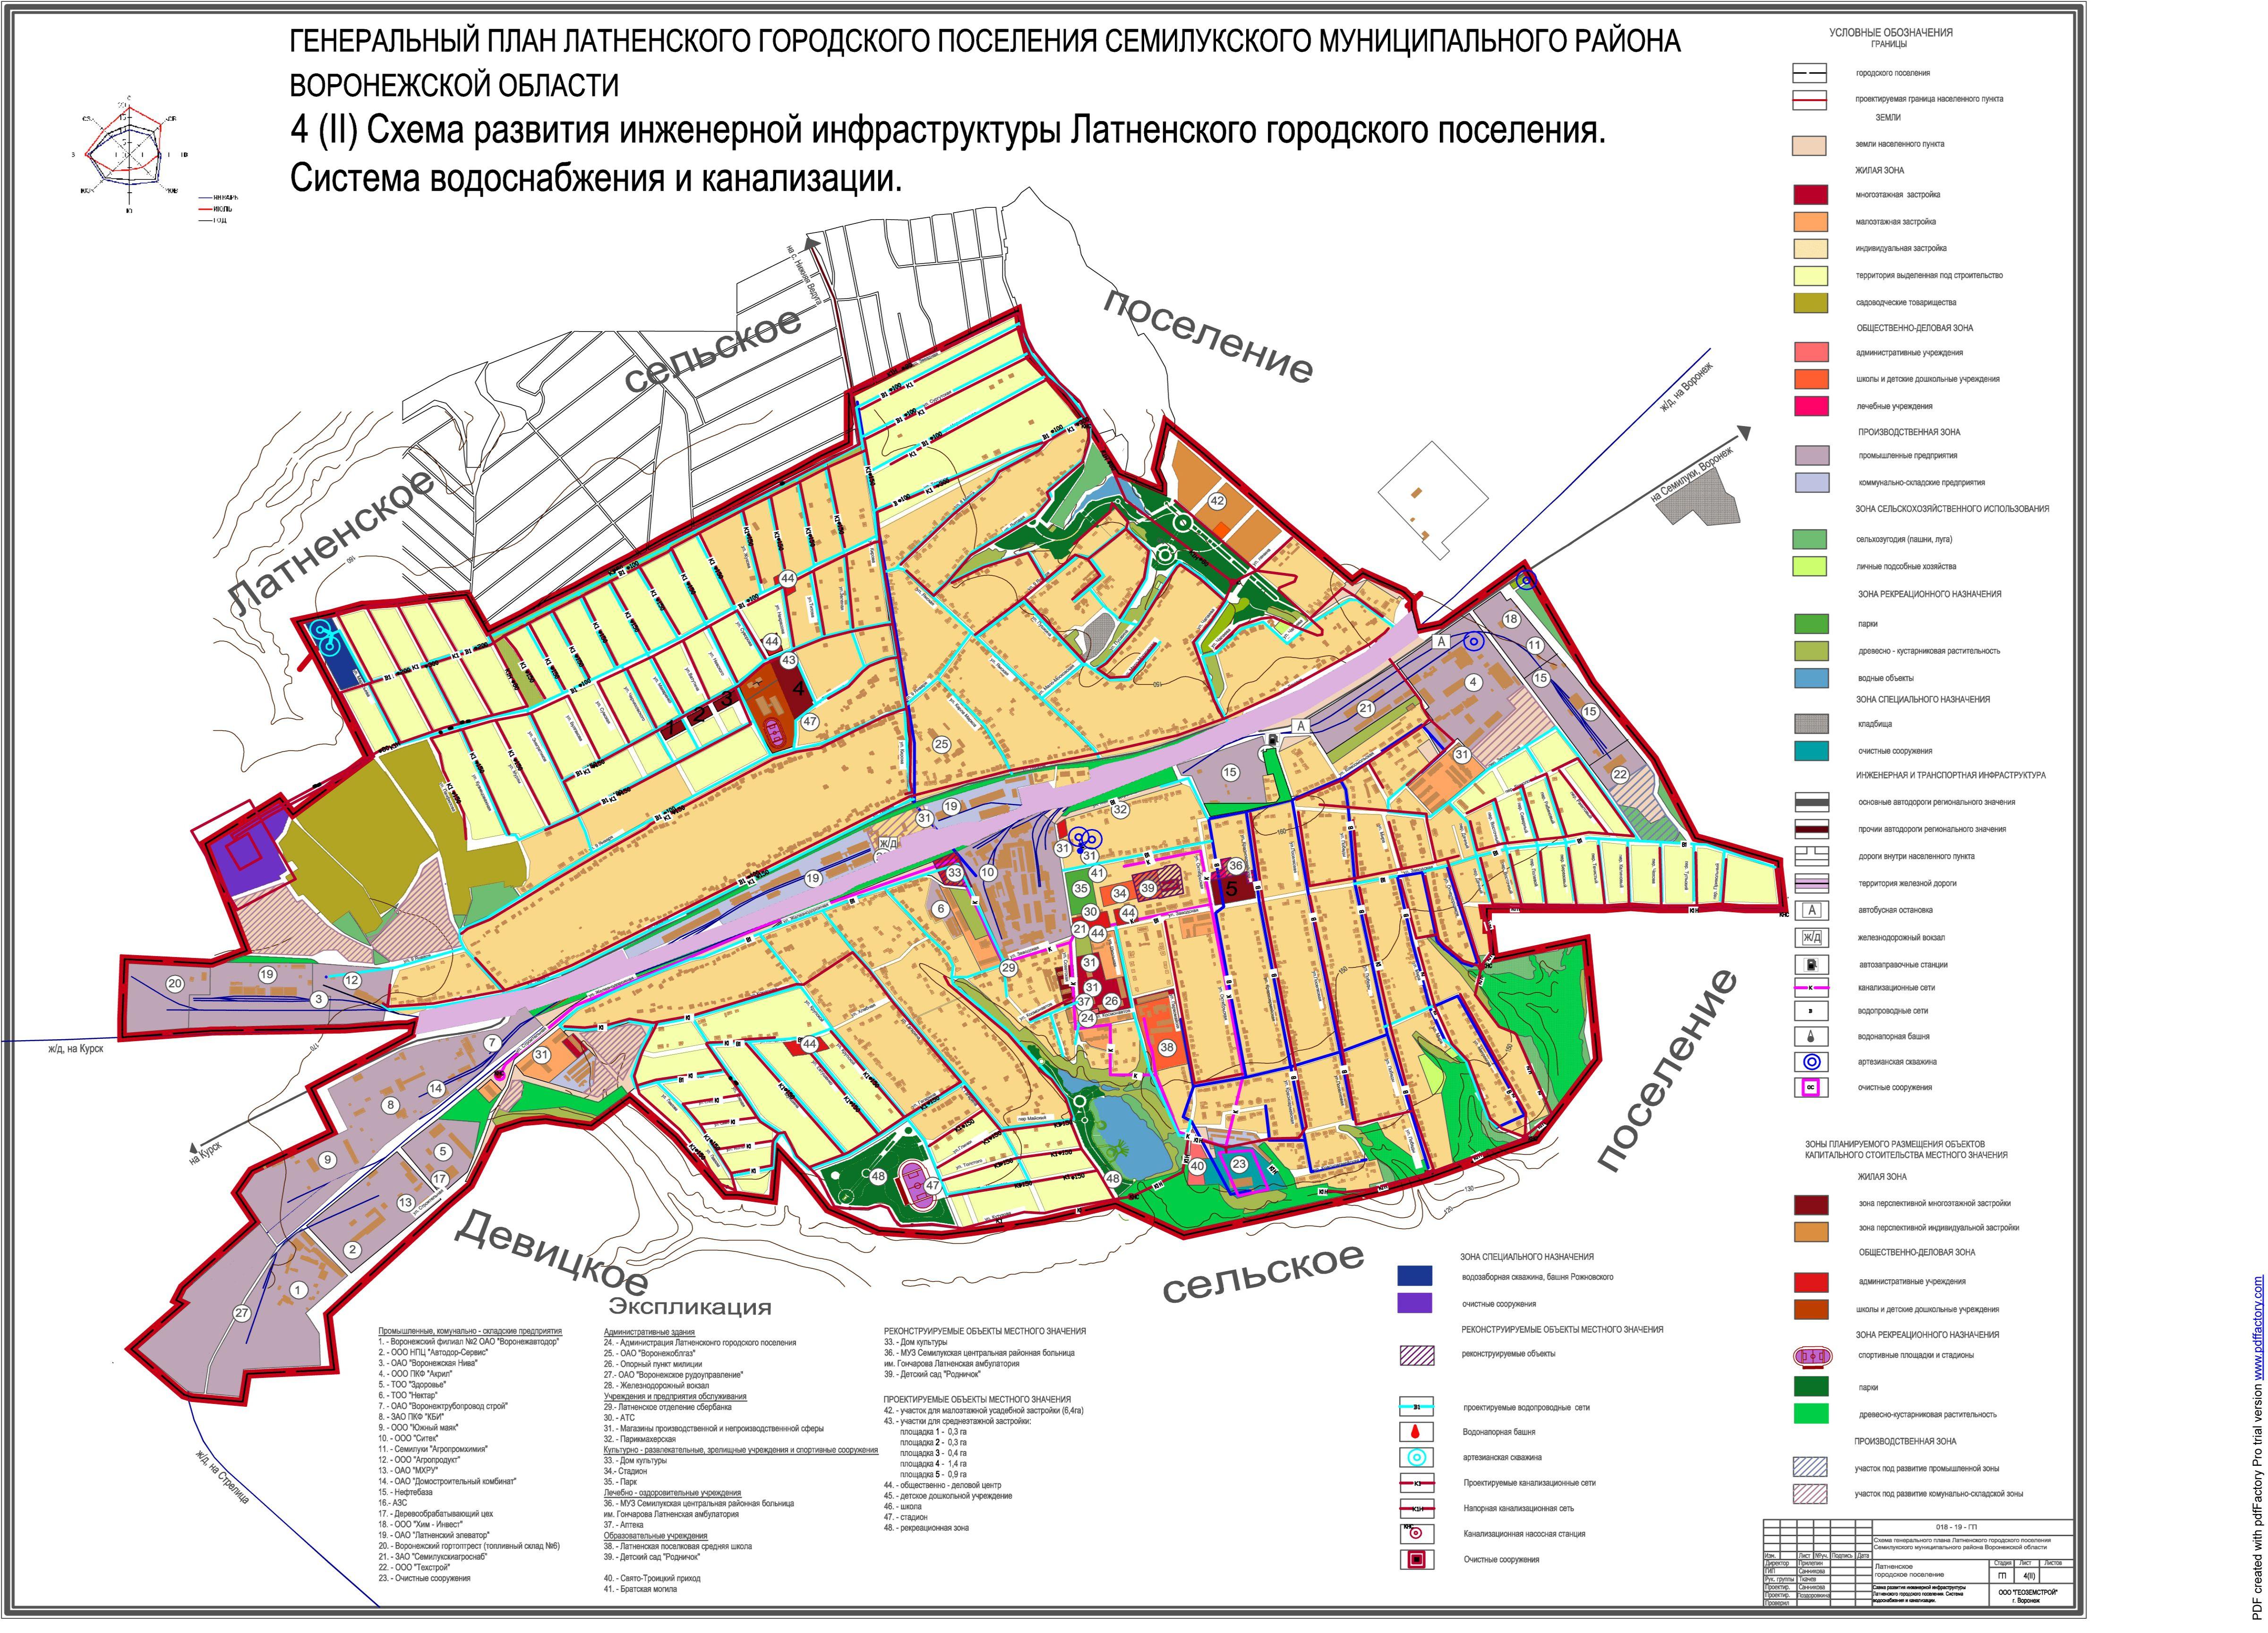 Разработана генеральная схема газификации и газоснабжения Мурманской области